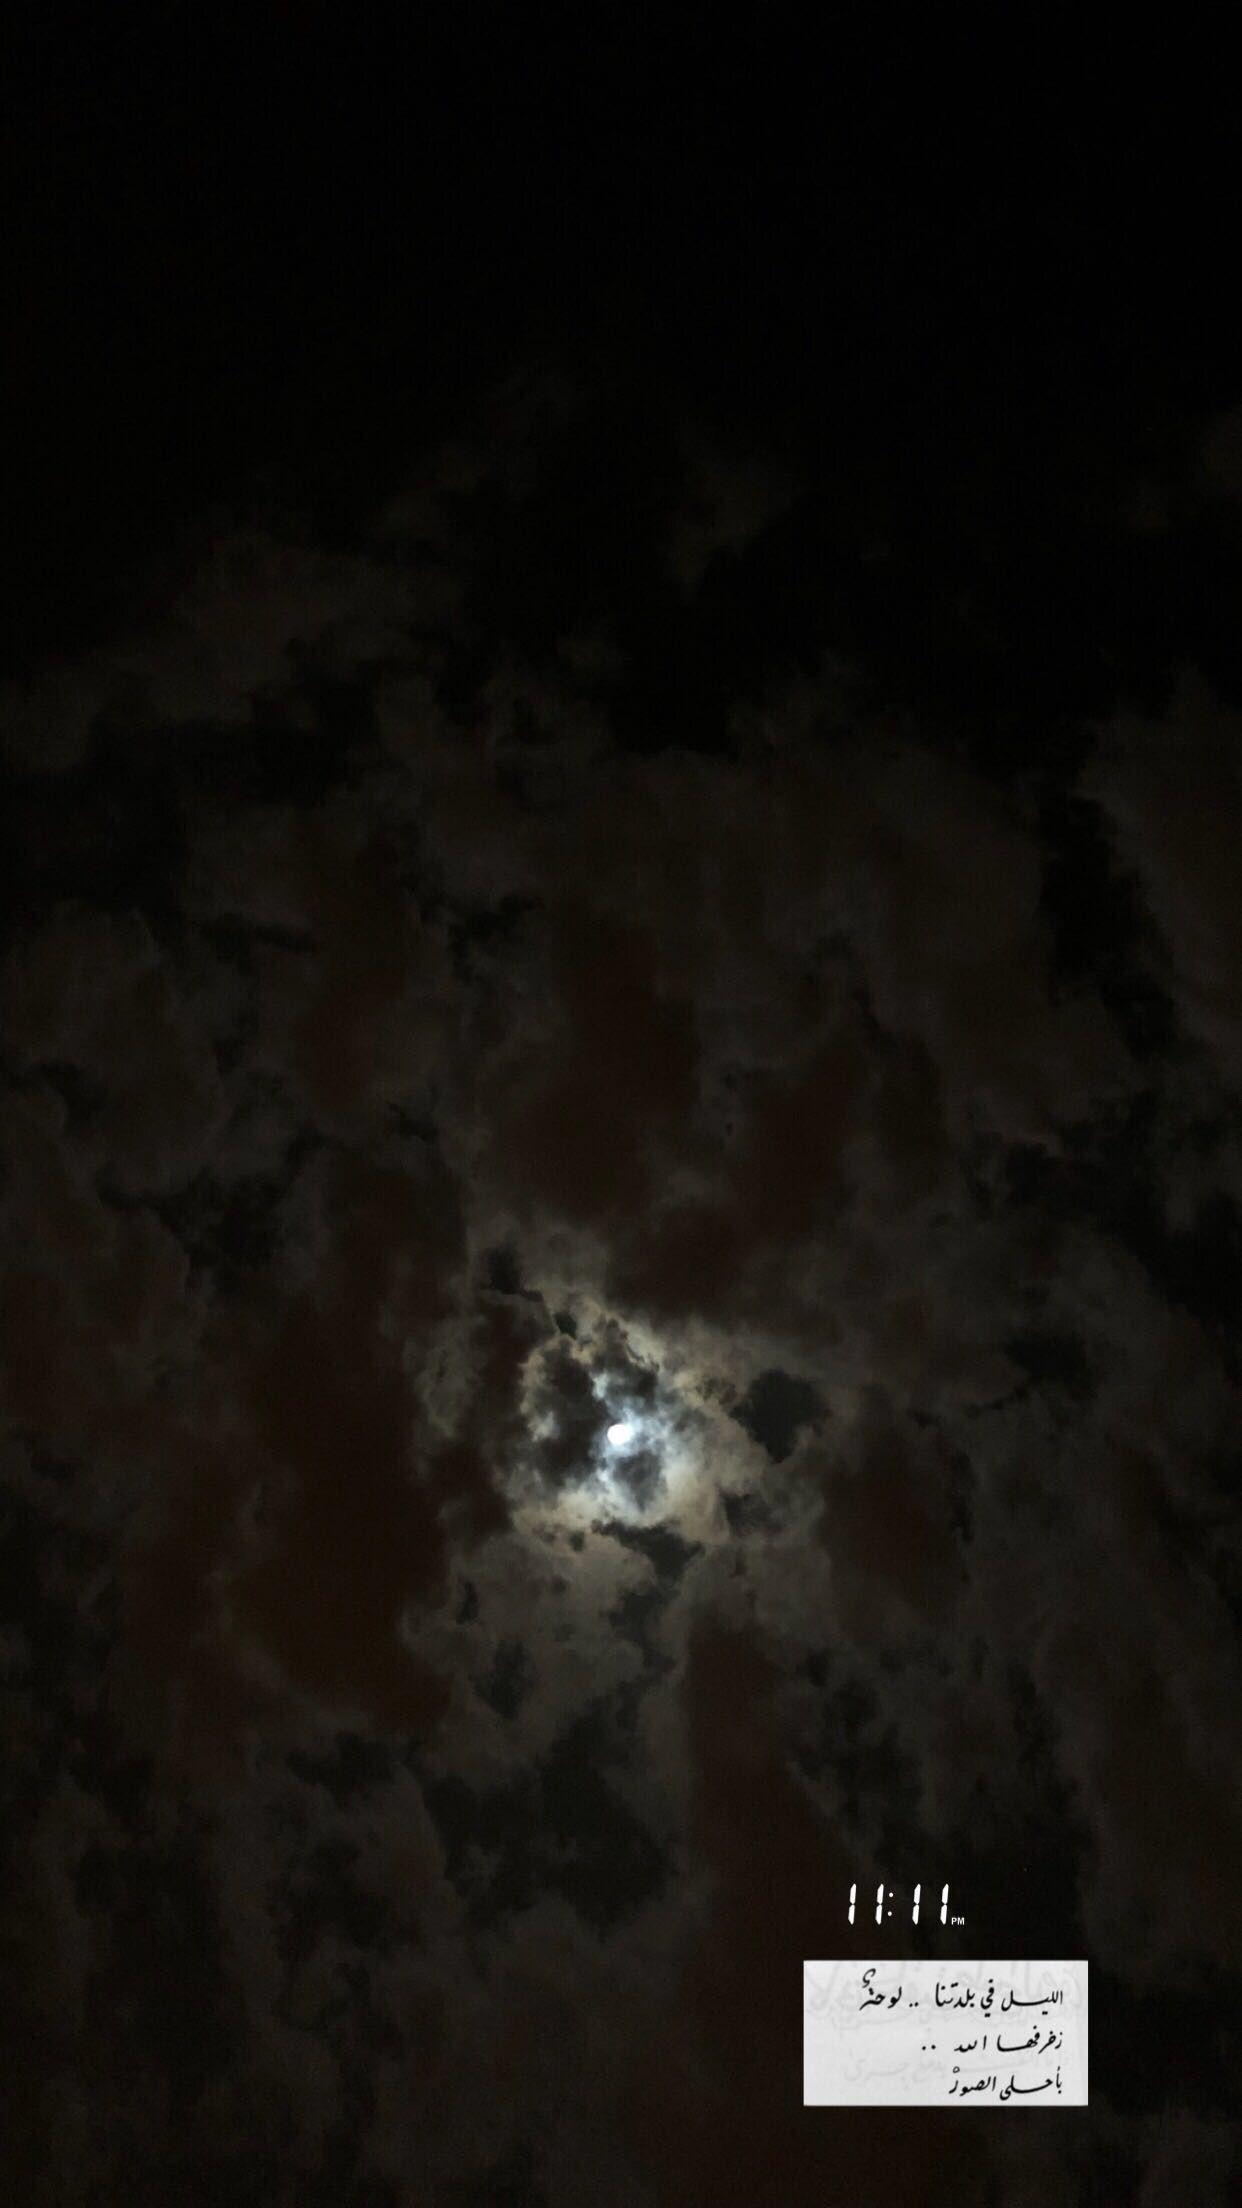 ليل قمر Instagram Picture Quotes Beautiful Beach Pictures Beautiful Moon Pictures